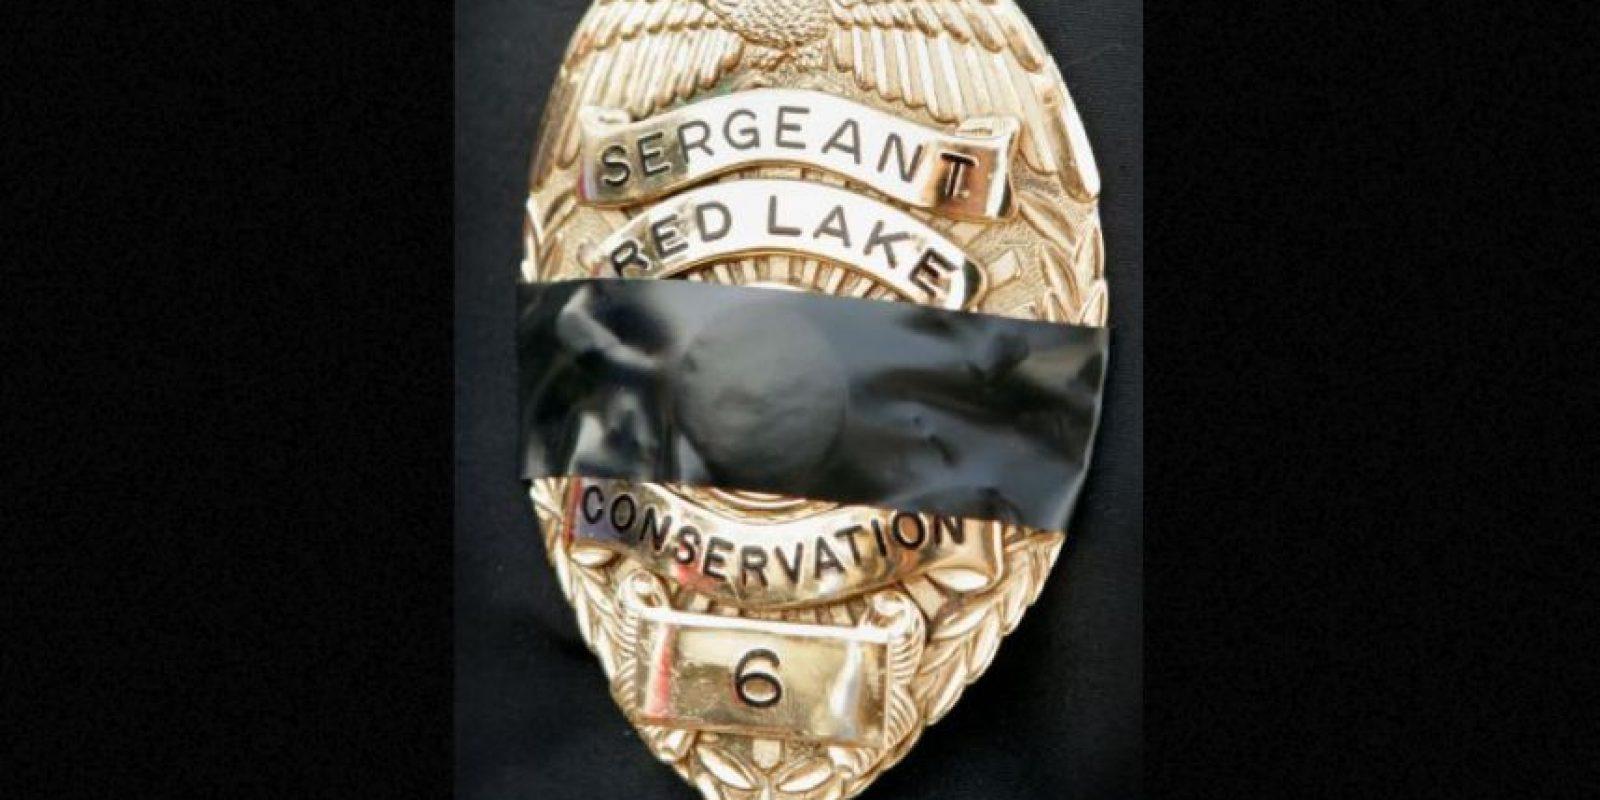 Más tarde Weise se dirigió hacia la Red Lake Senior High School donde mató a siete personas, incluyendo un maestro y un guardia de seguridad. Foto:Getty Images